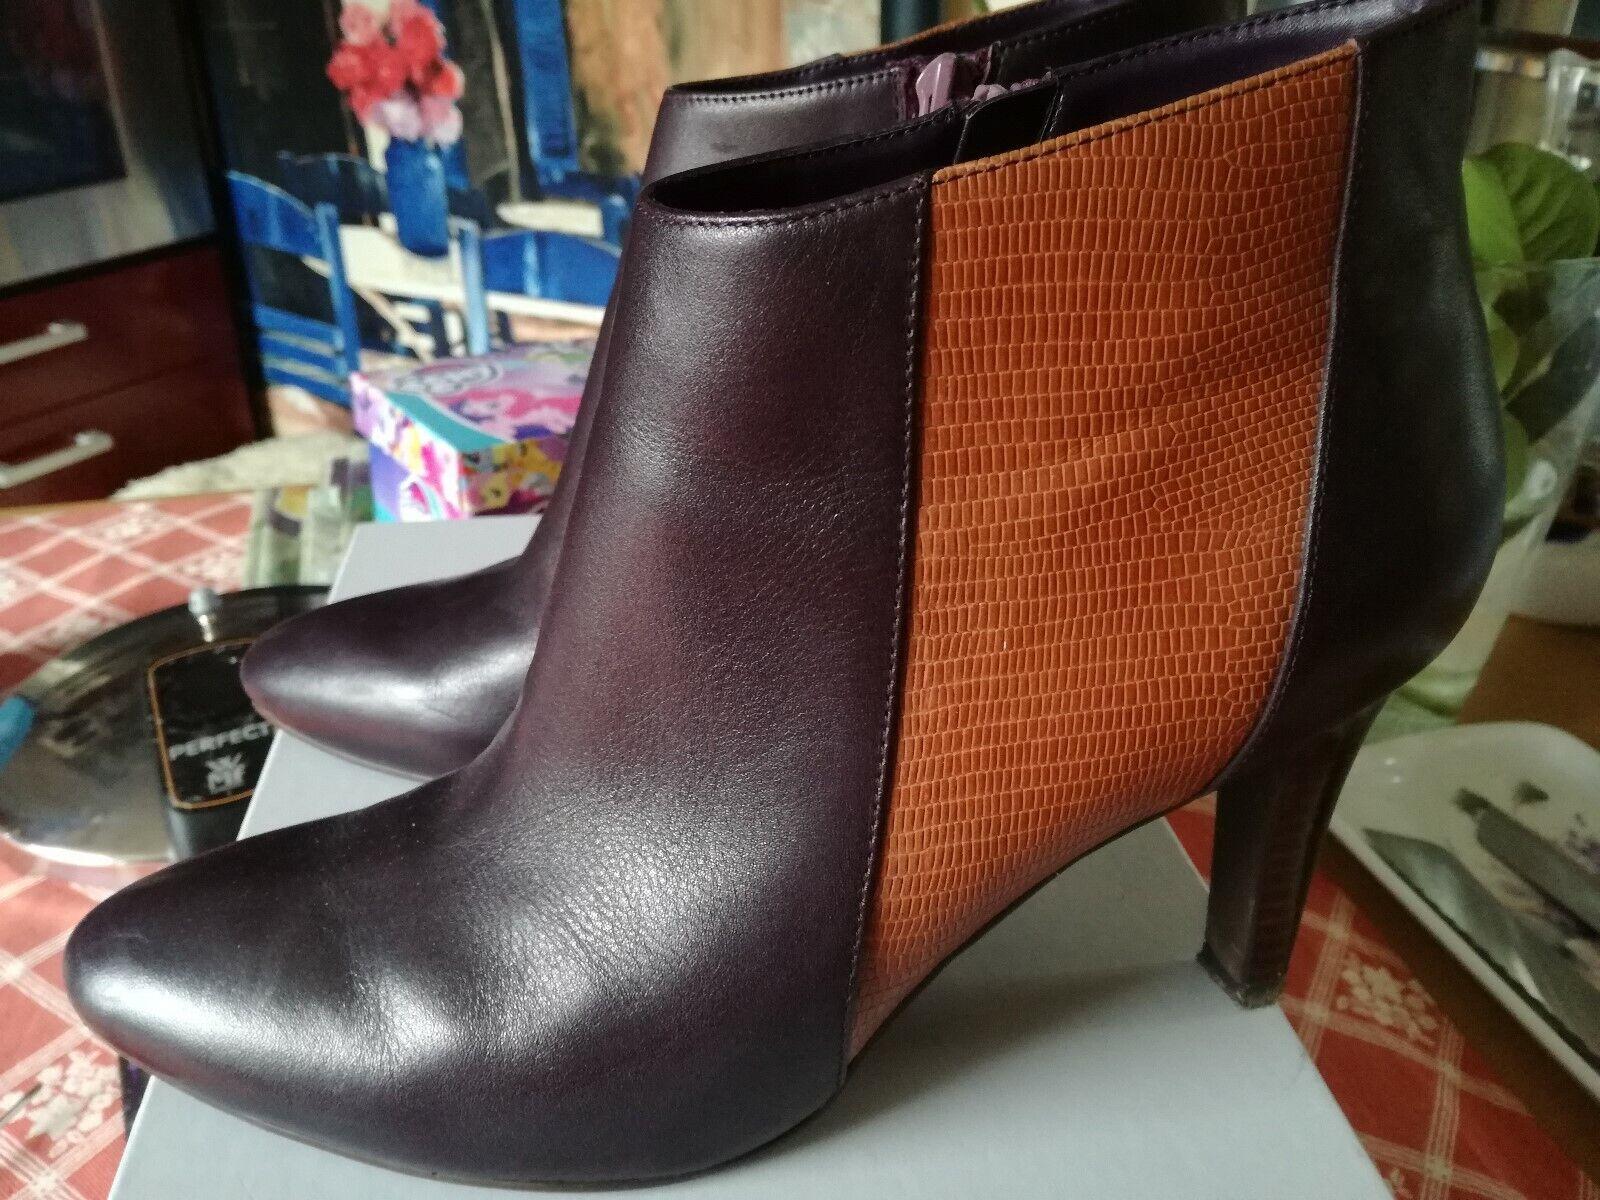 Damen Stiefel, Stifeletten, COX, Gr. 40-41, sehr gut, bequem, echtes Leder,neuw.